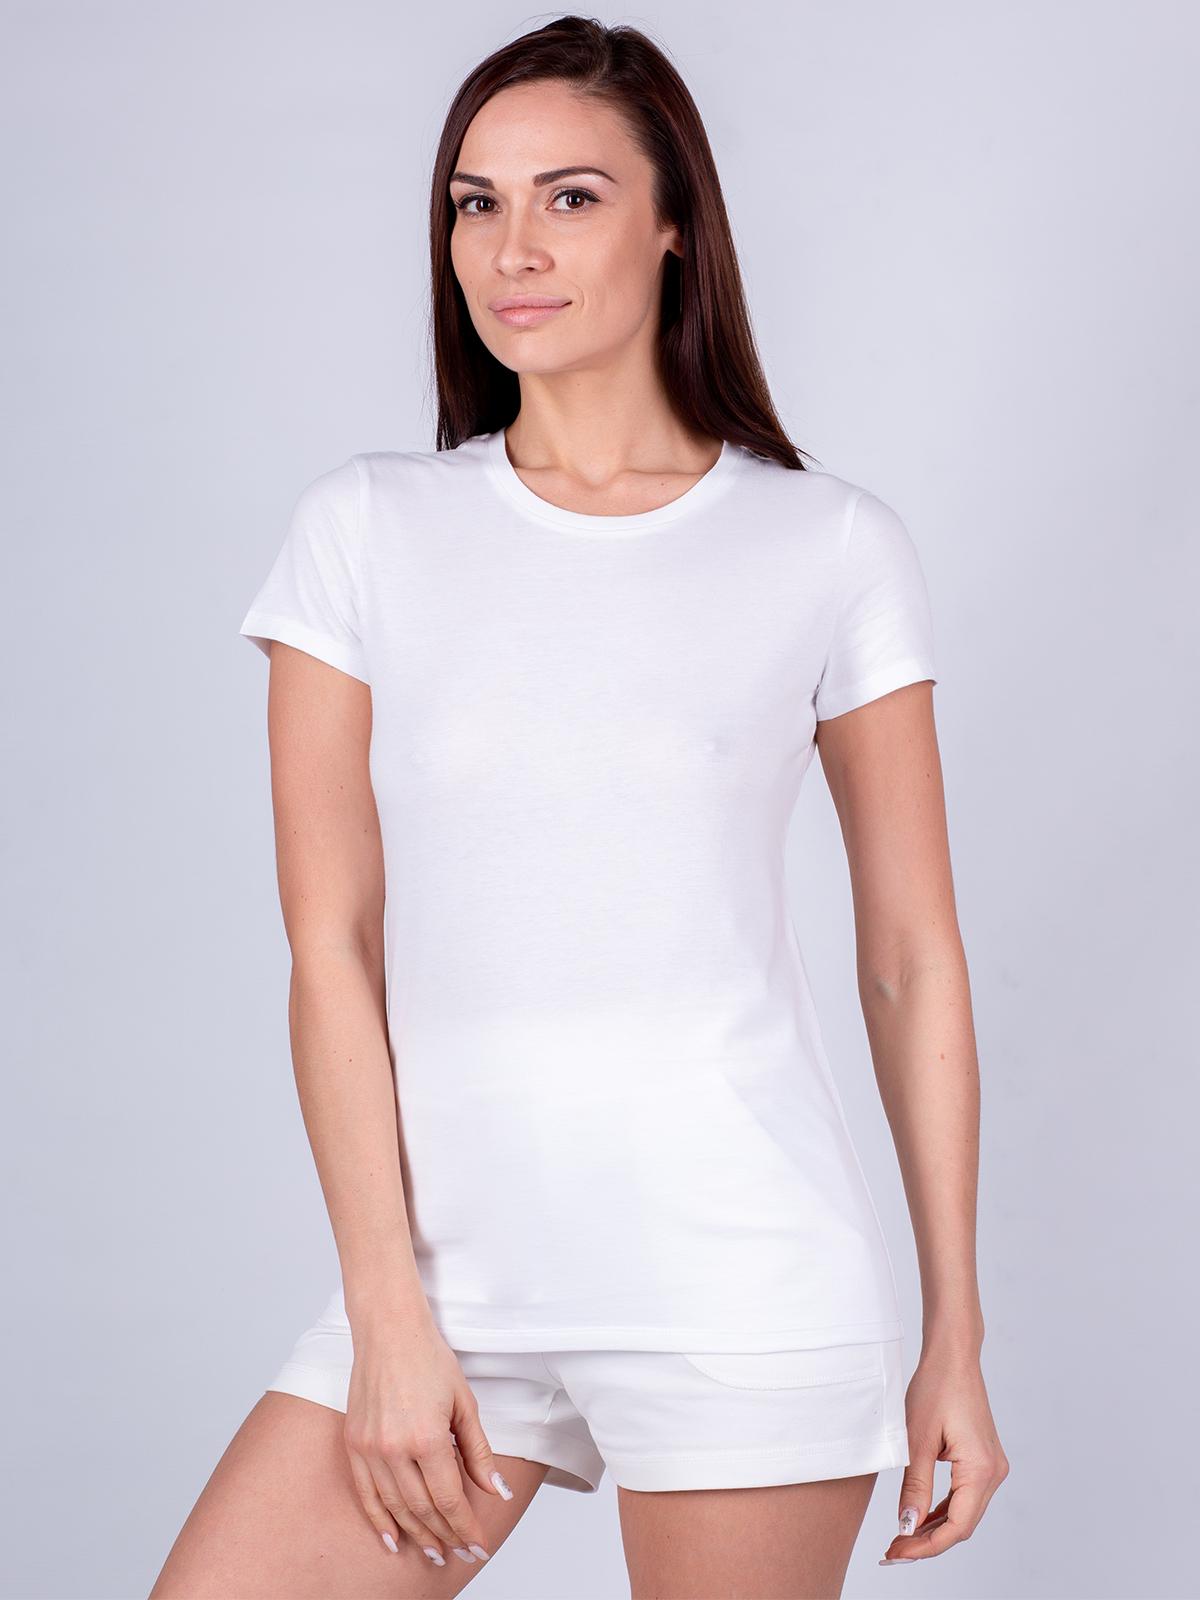 Футболка женская Oxouno белая XL